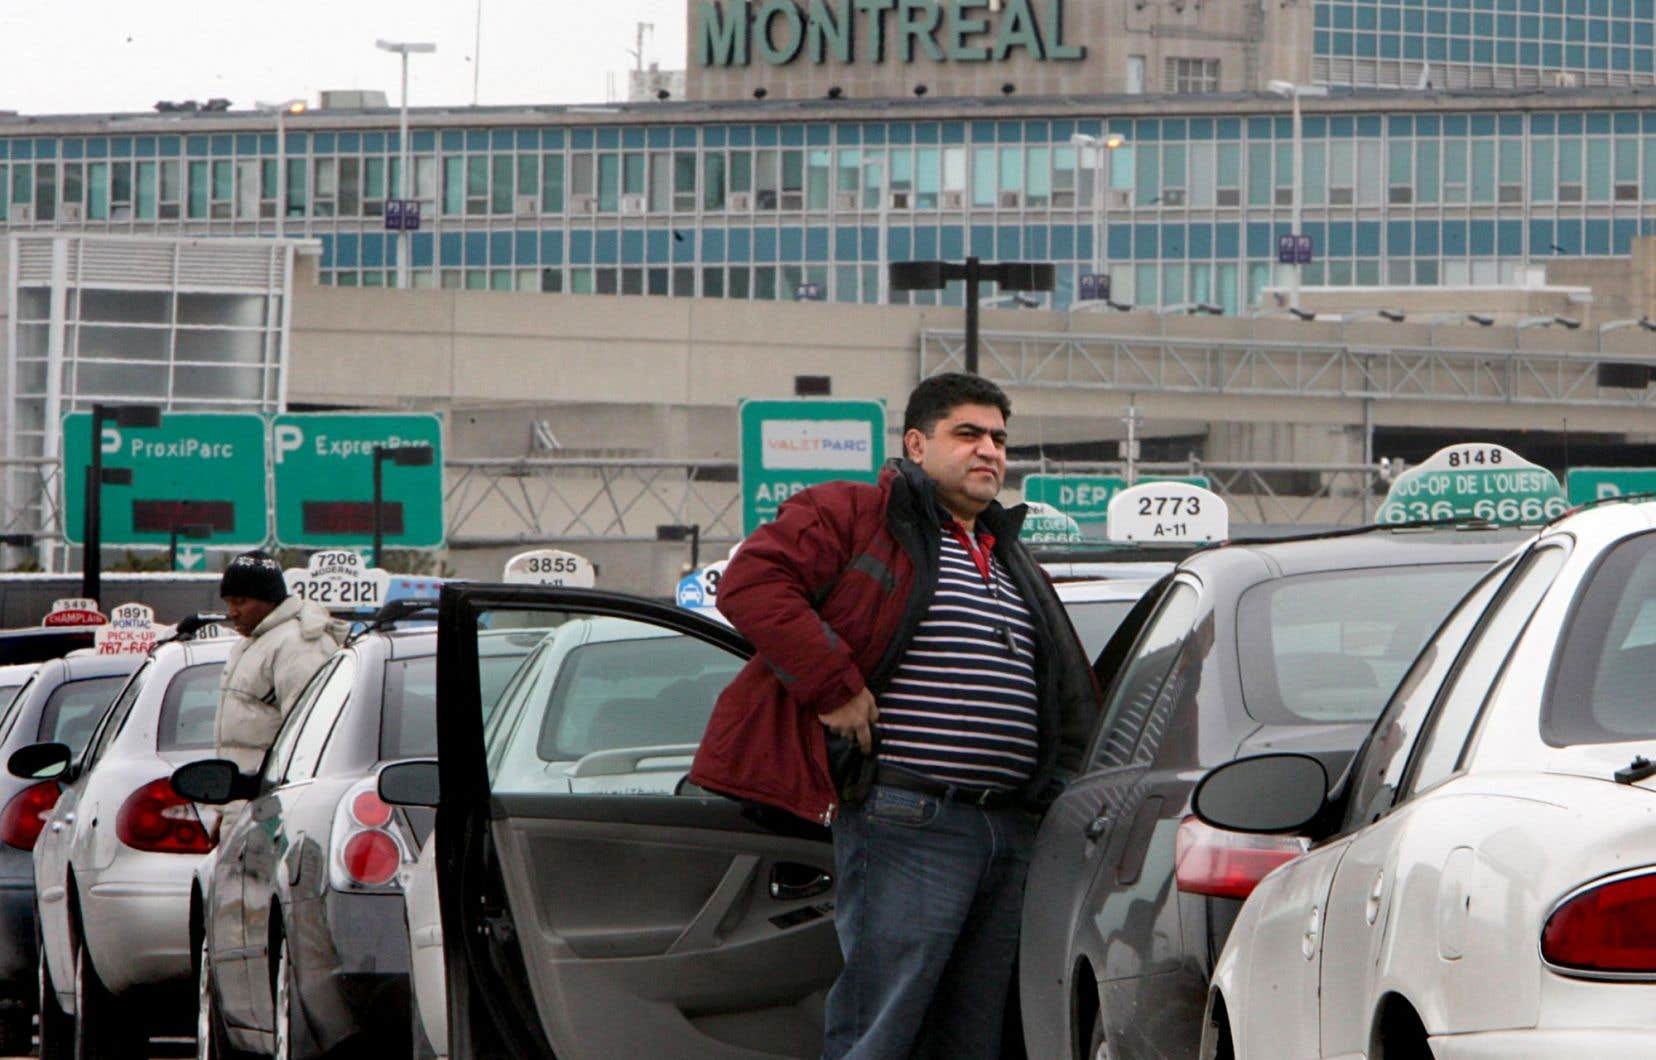 Le chauffeur devra aussi descendre de son taxi et ouvrir la portière pour faire monter ses clients et faire de même lors de l'arrivée à destination.